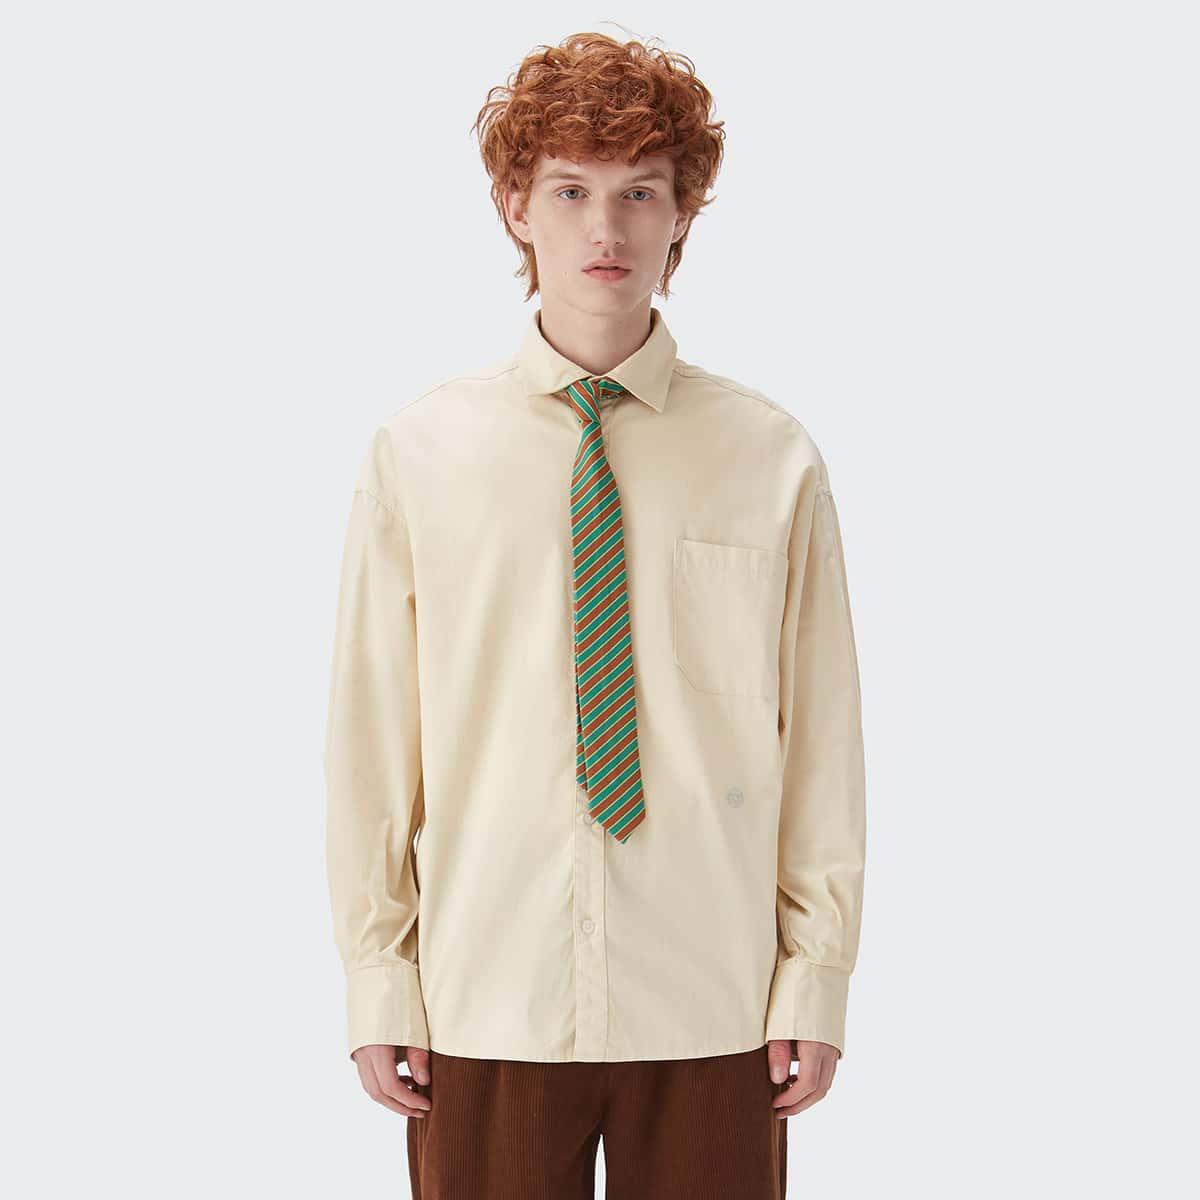 Мужской Рубашка с карманом узором вышивкой без узлом